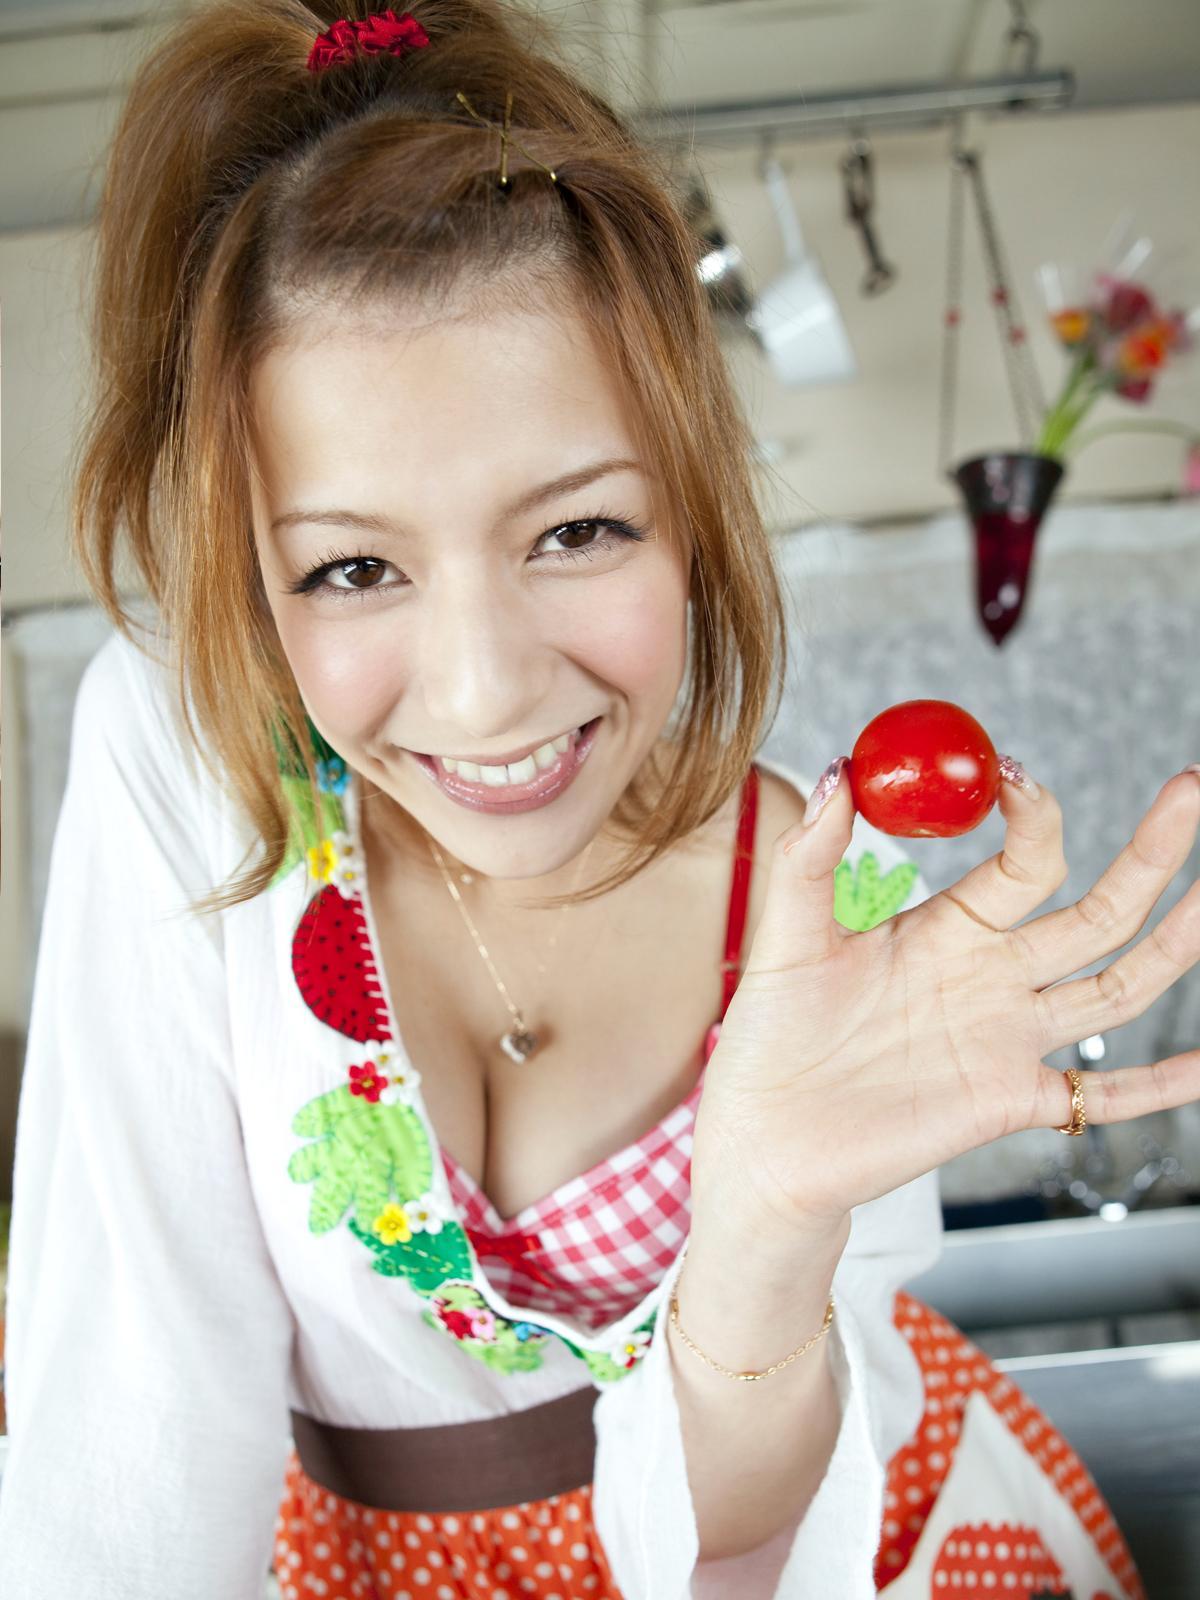 スザンヌ スザンヌは顔も中身もめっちゃかわいい,地元熊本に念願のカフェ「CAFEBAR8%」…